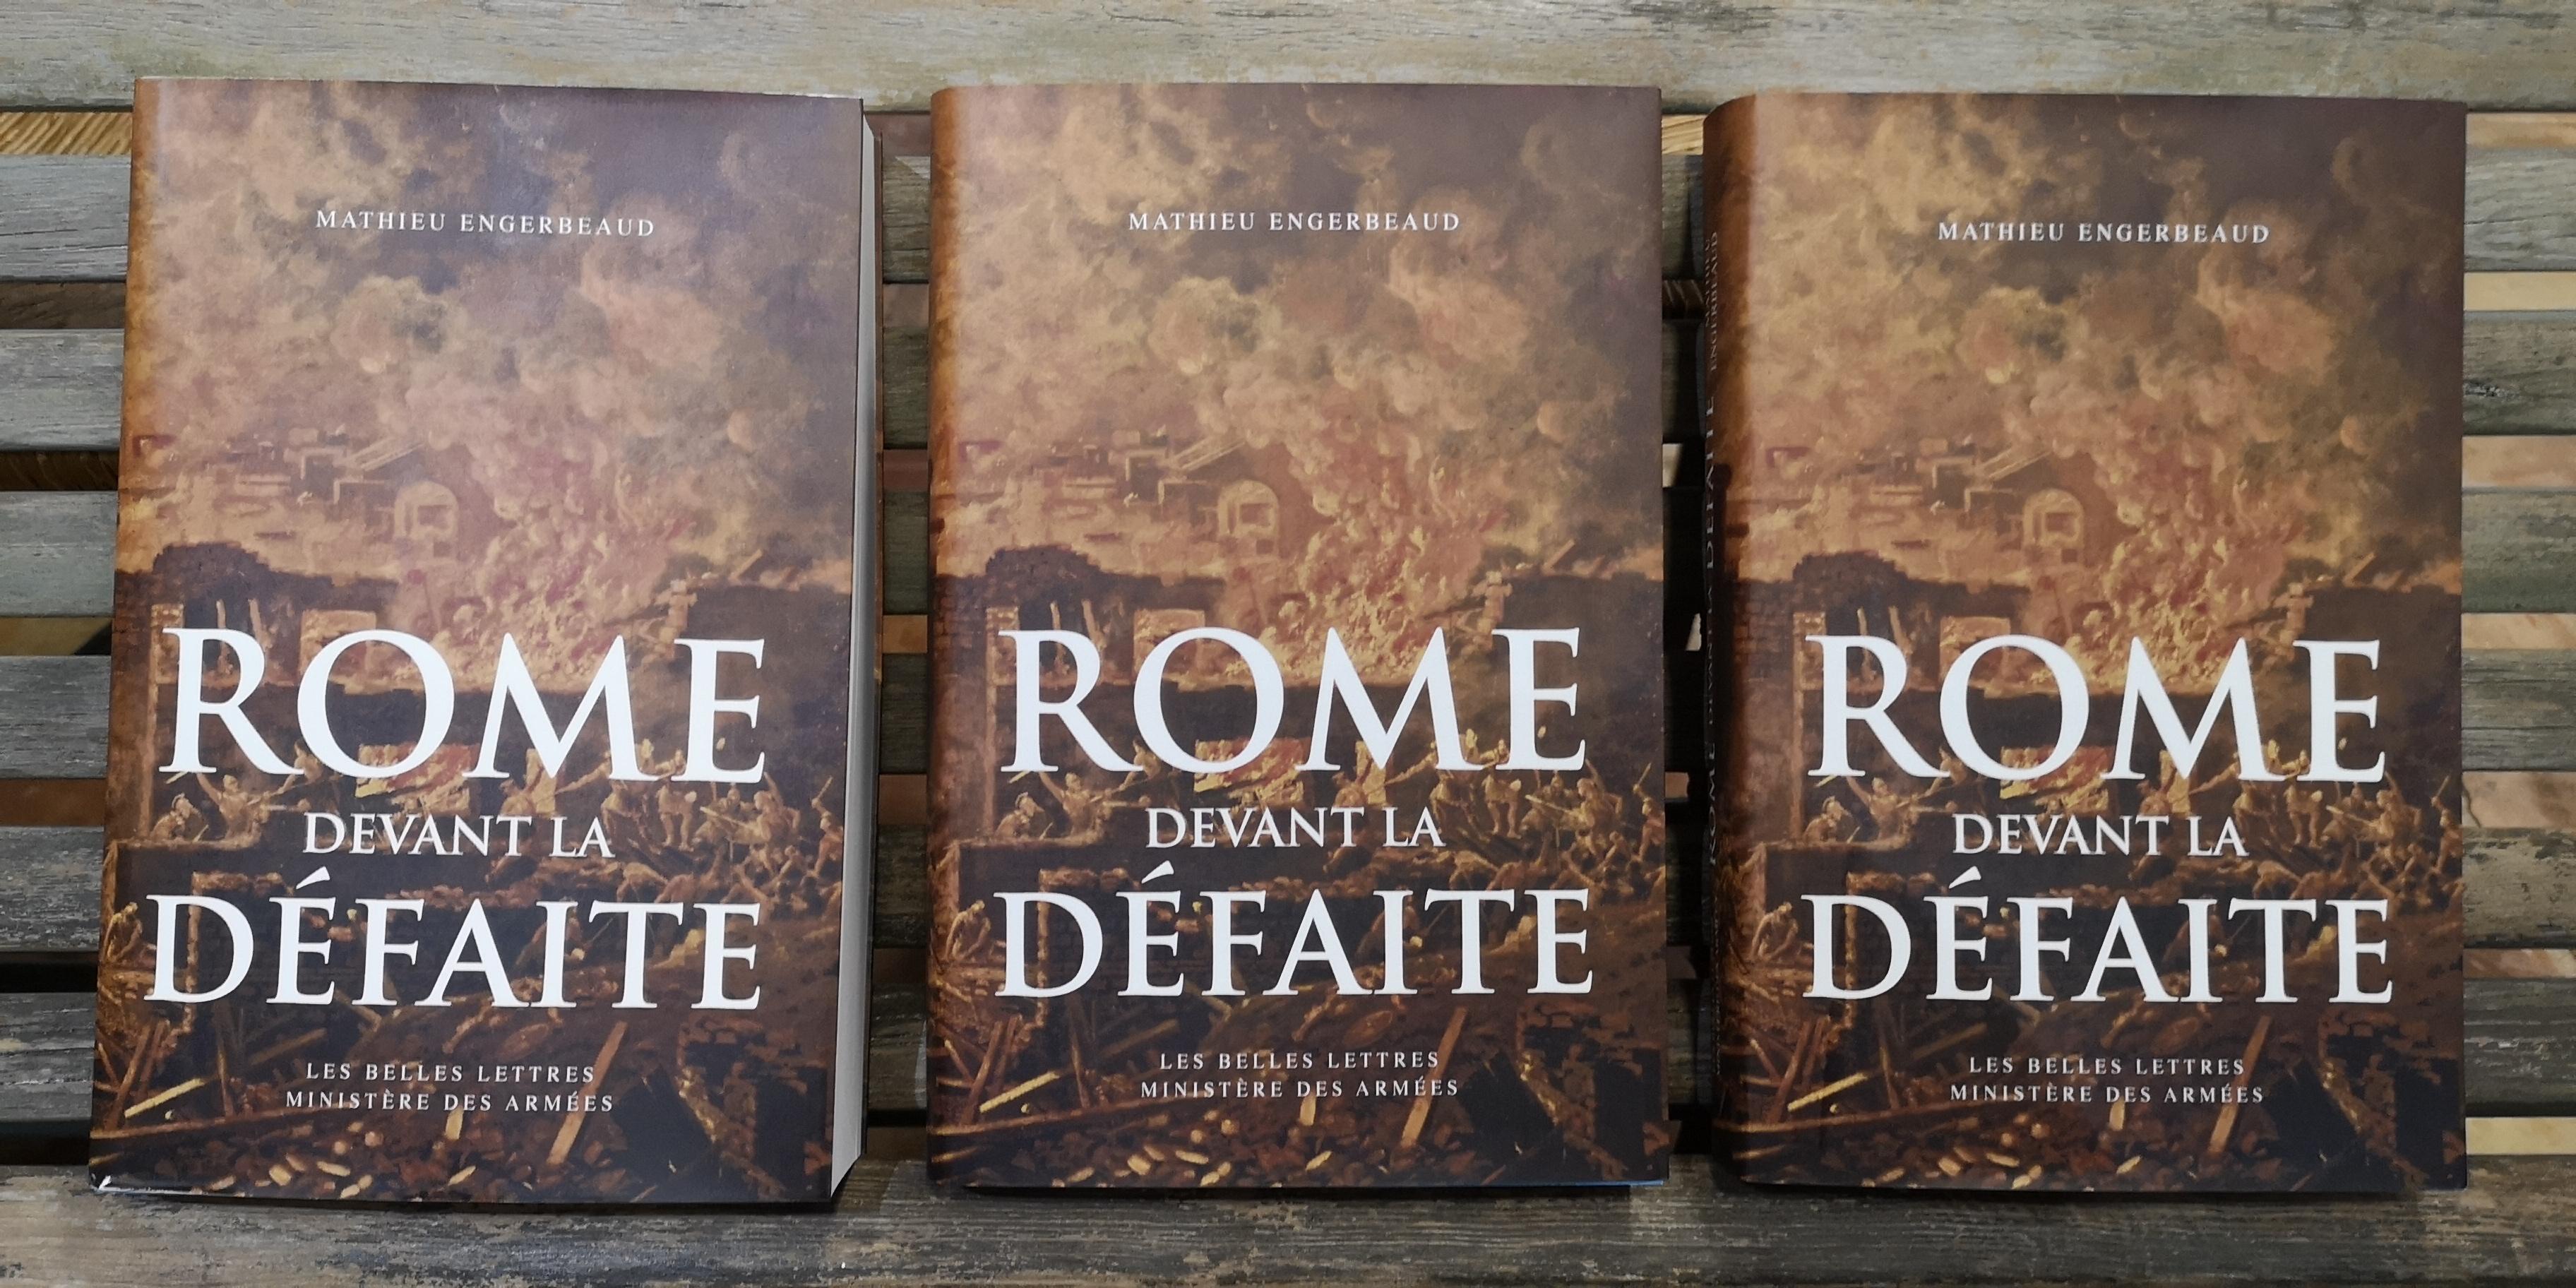 Invincible ? Mathieu Engerbeaud, historien, spécialiste de l'armée romaine, vient nous raconter, non les victoires, mais les défaites de cette armée romaine.